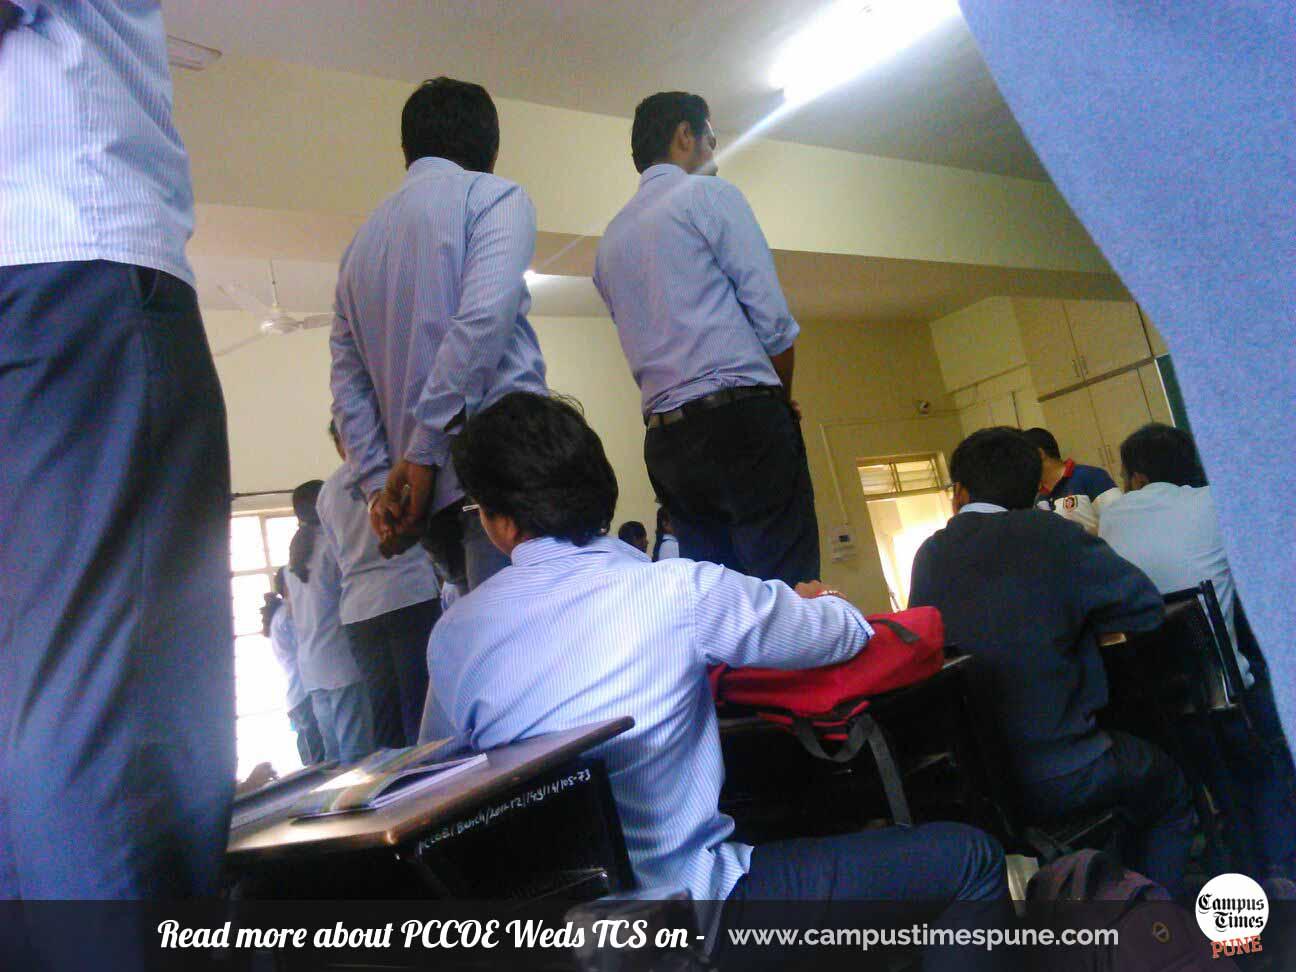 TCS-aptitude-Test-failed-students-punished-in-classroom-PCCOE-Pune